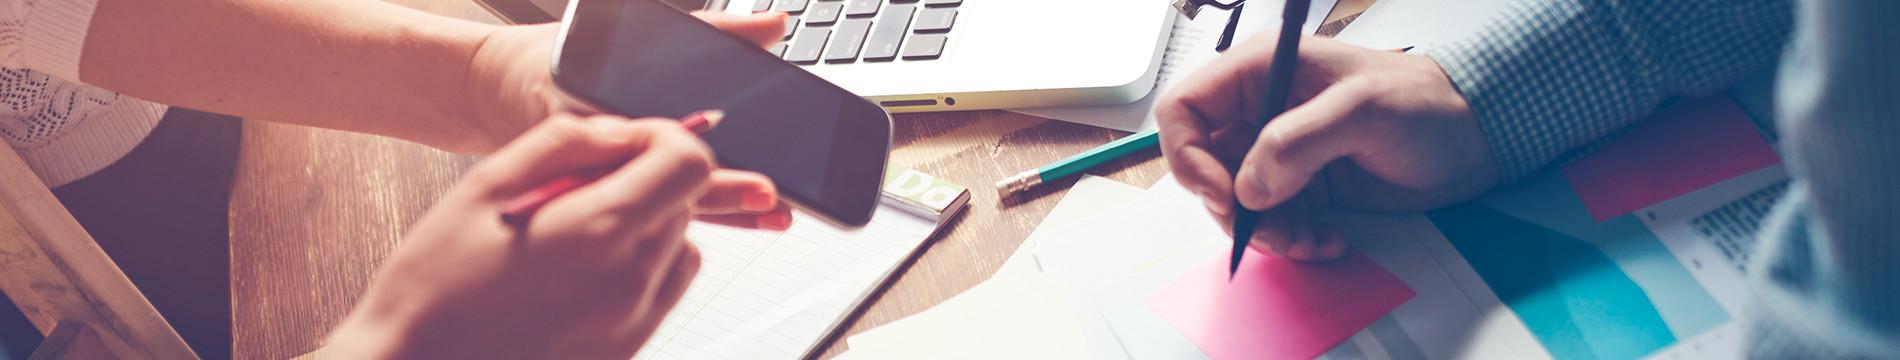 Master Brand Content Management & Nouveaux Médias - MBA Spécialisé EFAP